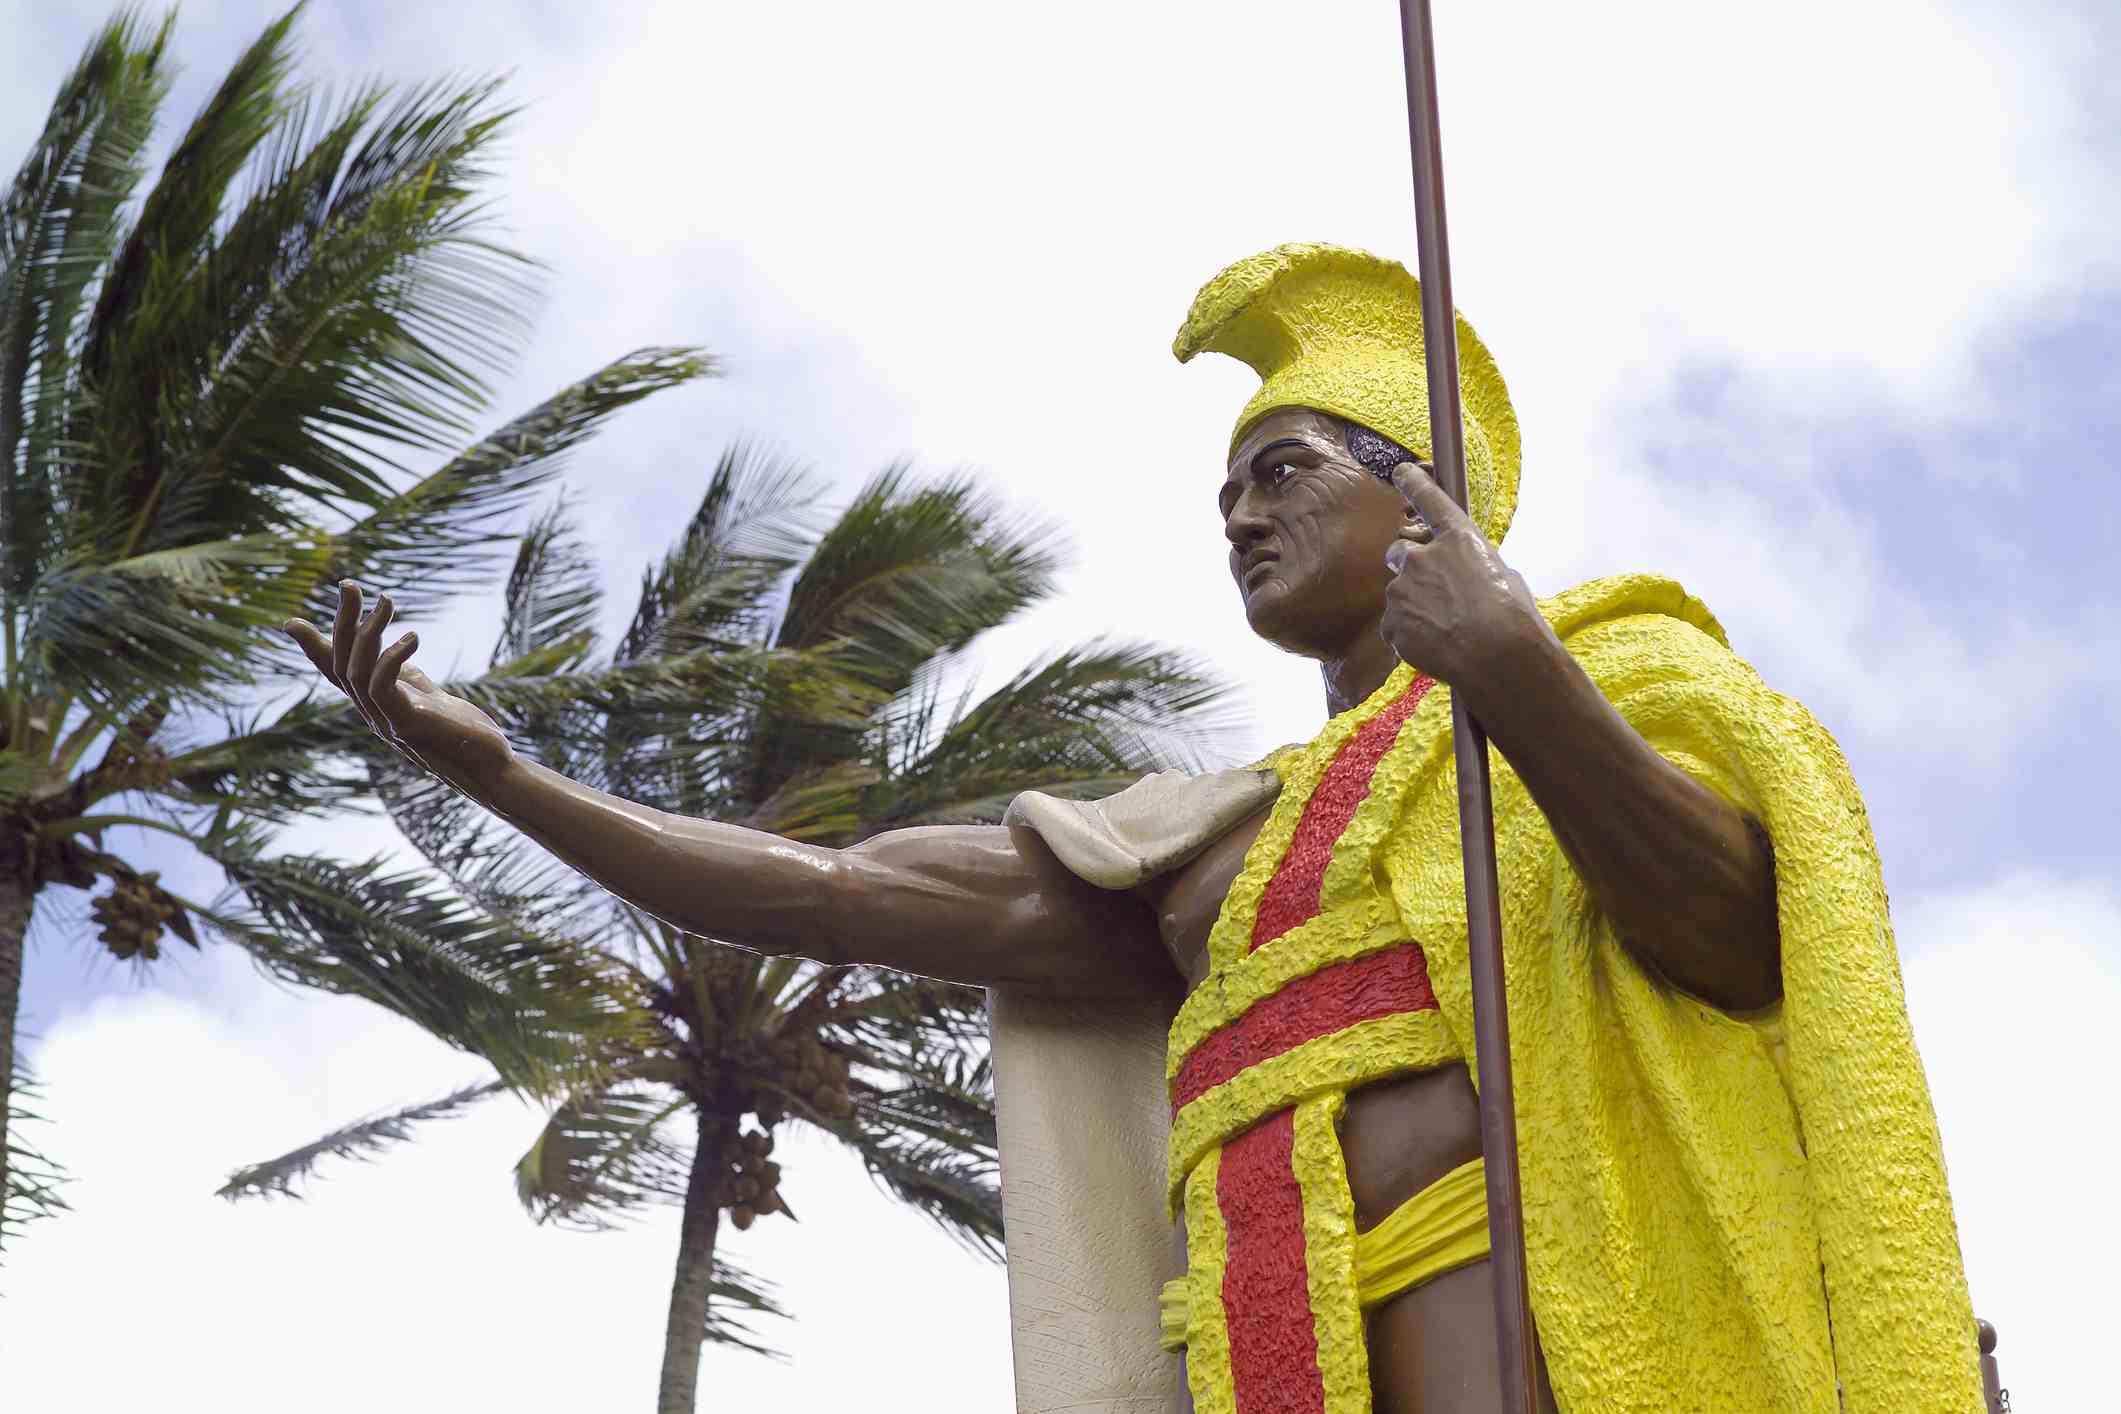 Hawaii, Big Island, North Kohala, Kapaau, Original King Kamehameha I Statue, Palm trees and cloudy blue sky